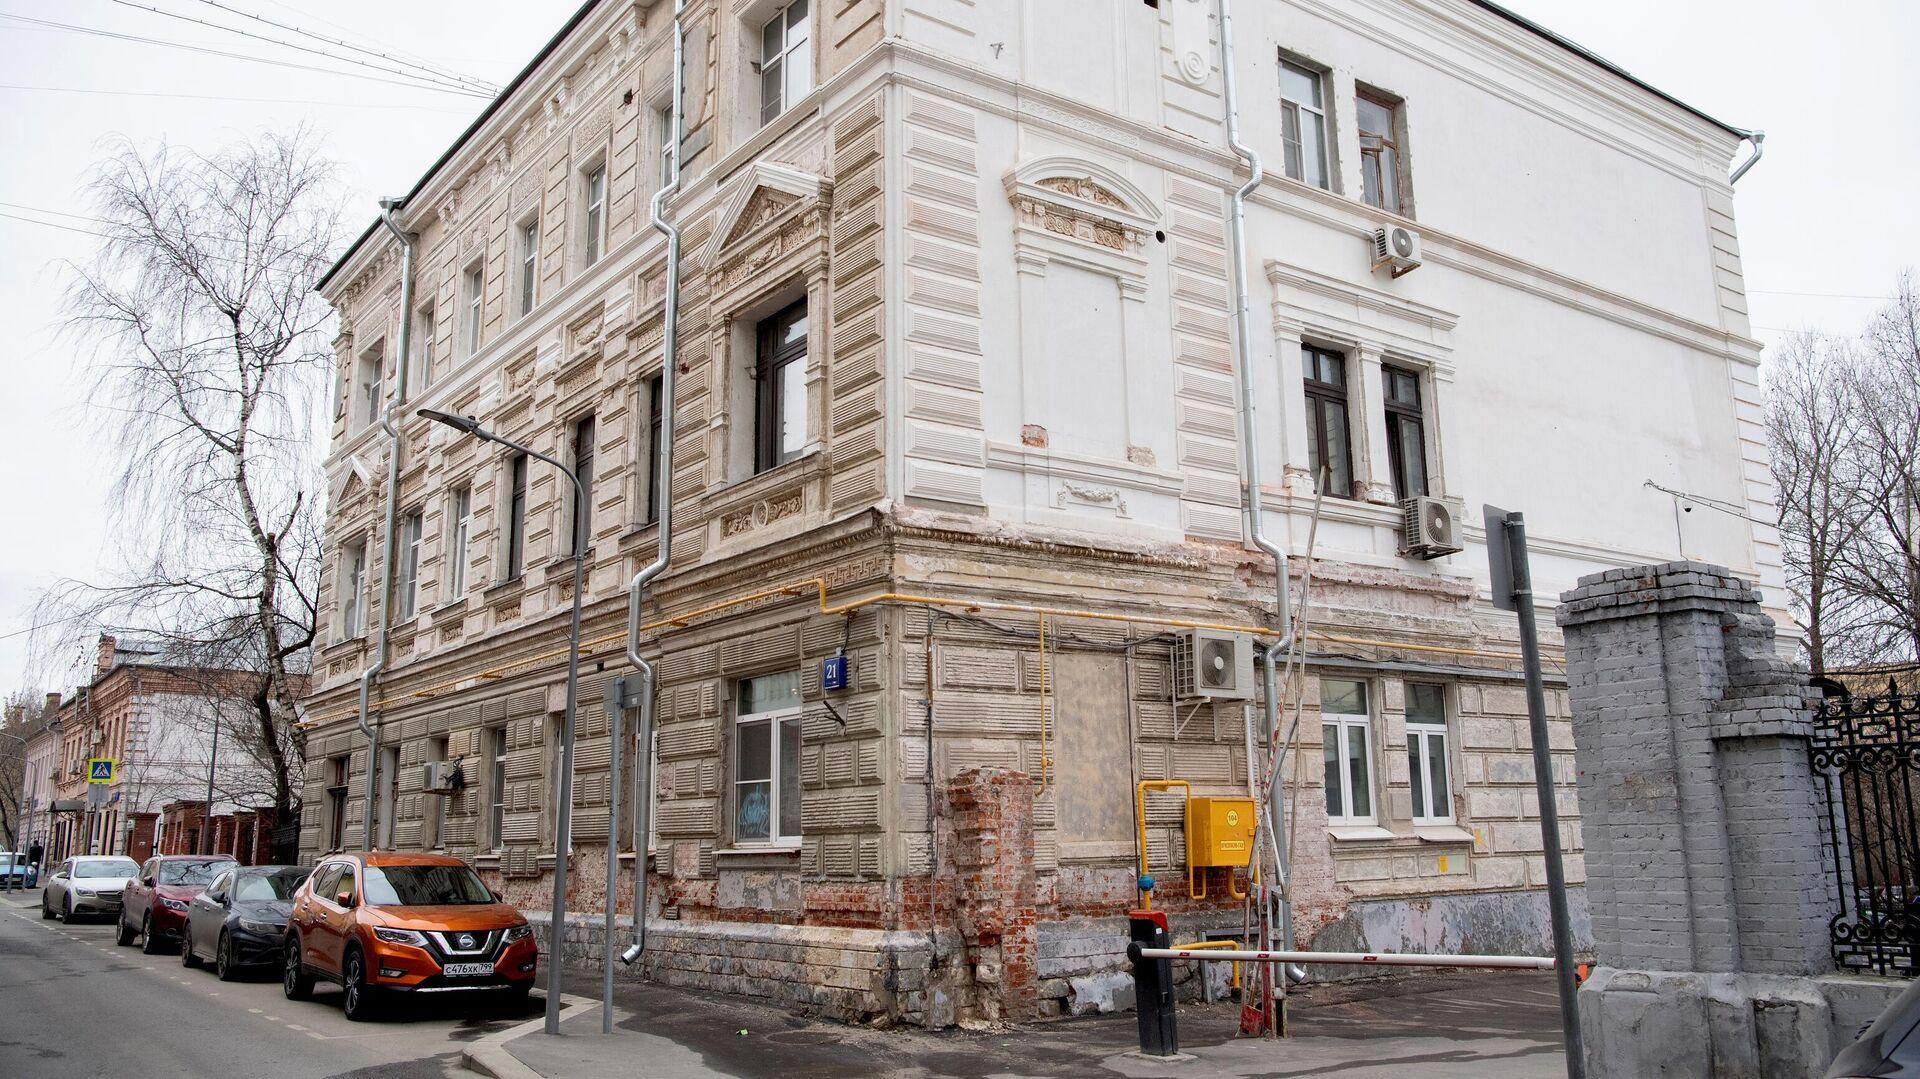 Ремонтные работы ведутся в жилом доме 1882-84 гг. постройки в Москве - РИА Новости, 1920, 13.04.2021